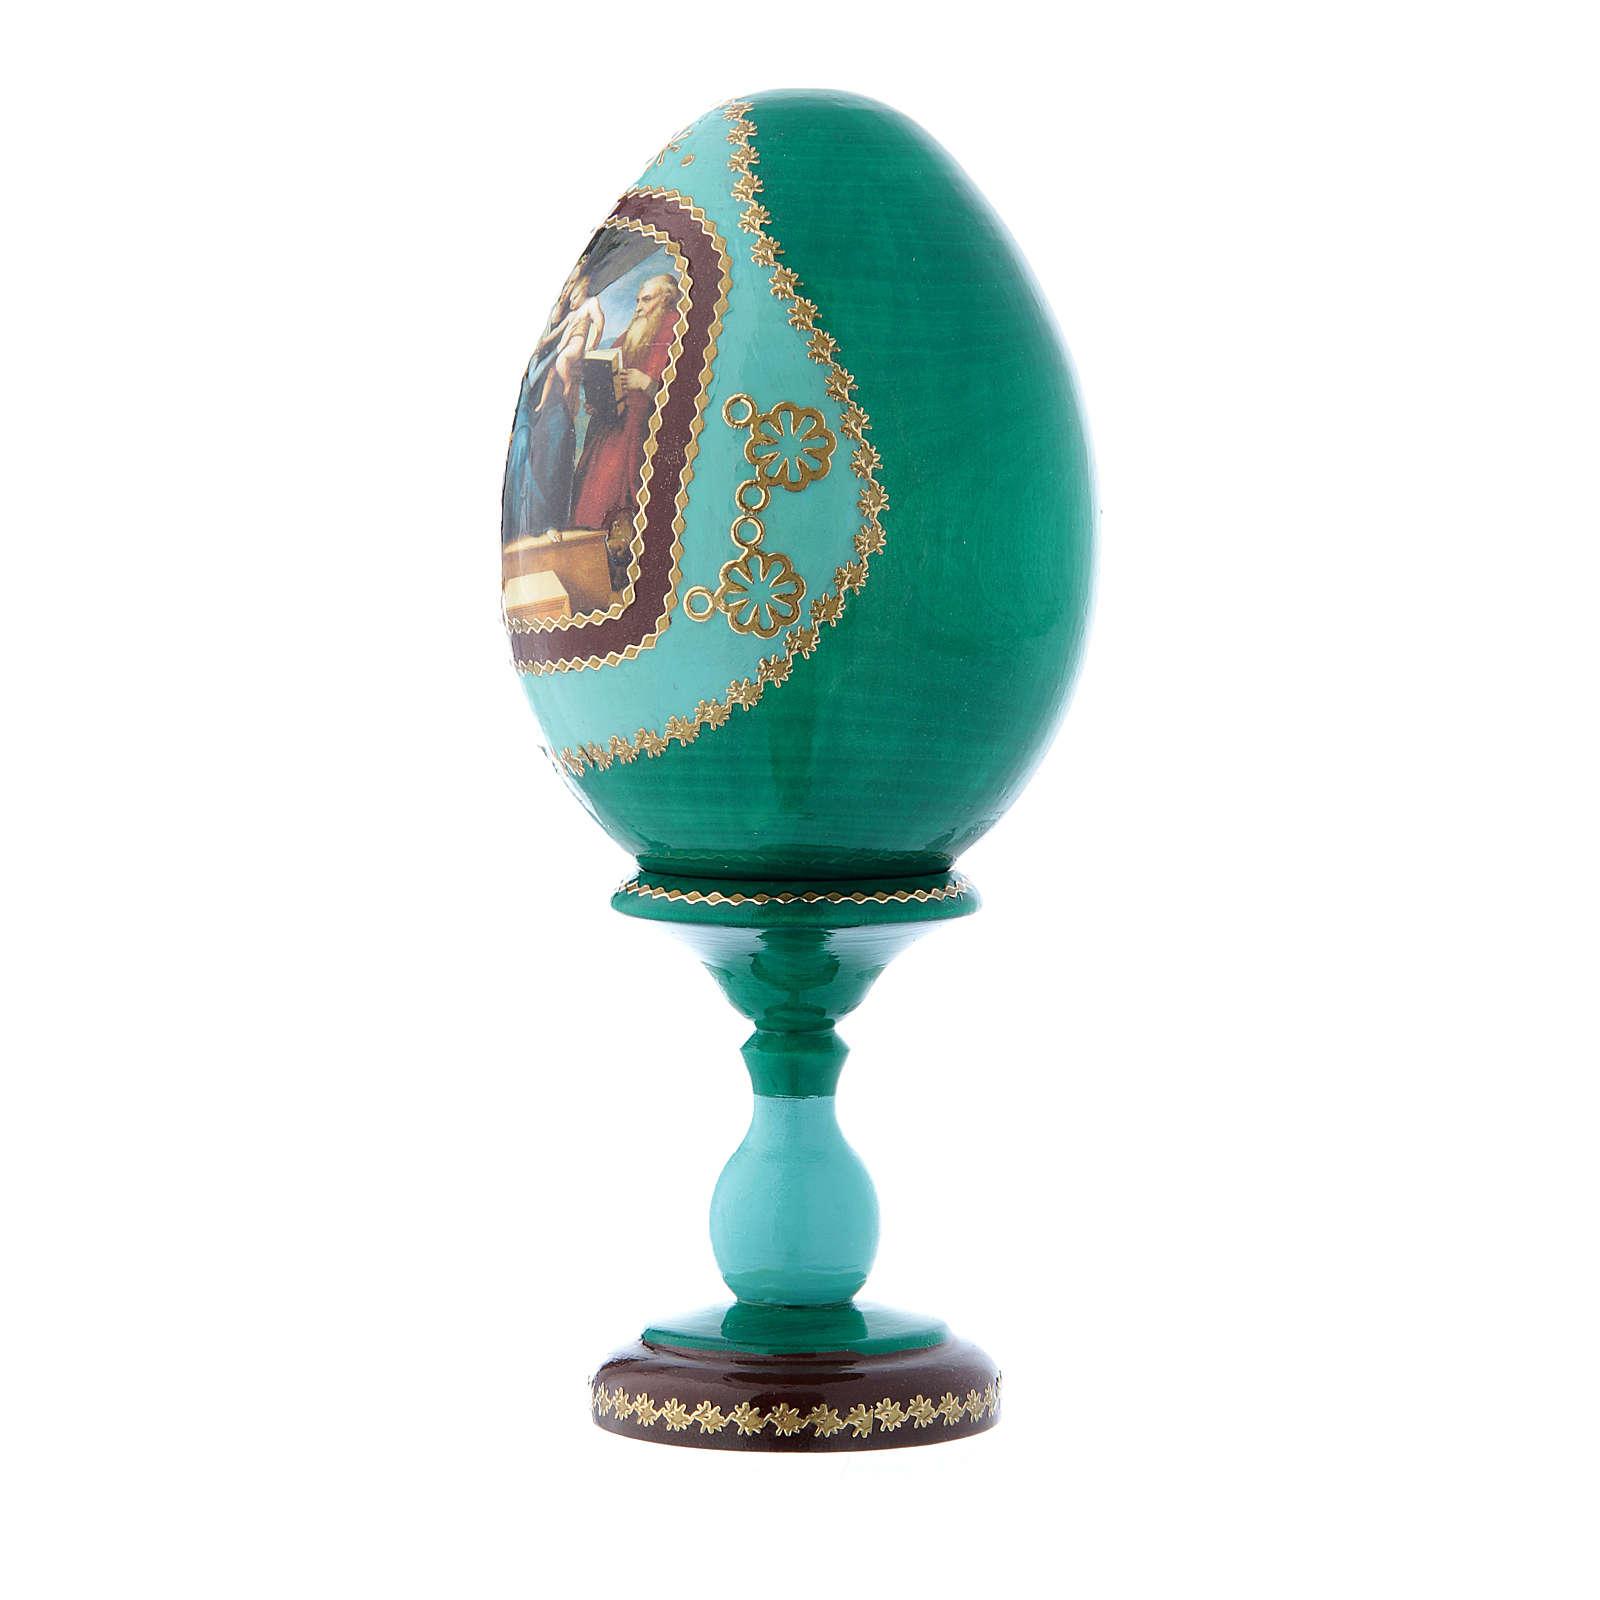 Uovo icona russa verde decorato a mano La Madonna del Pesce h tot 16 cm 4